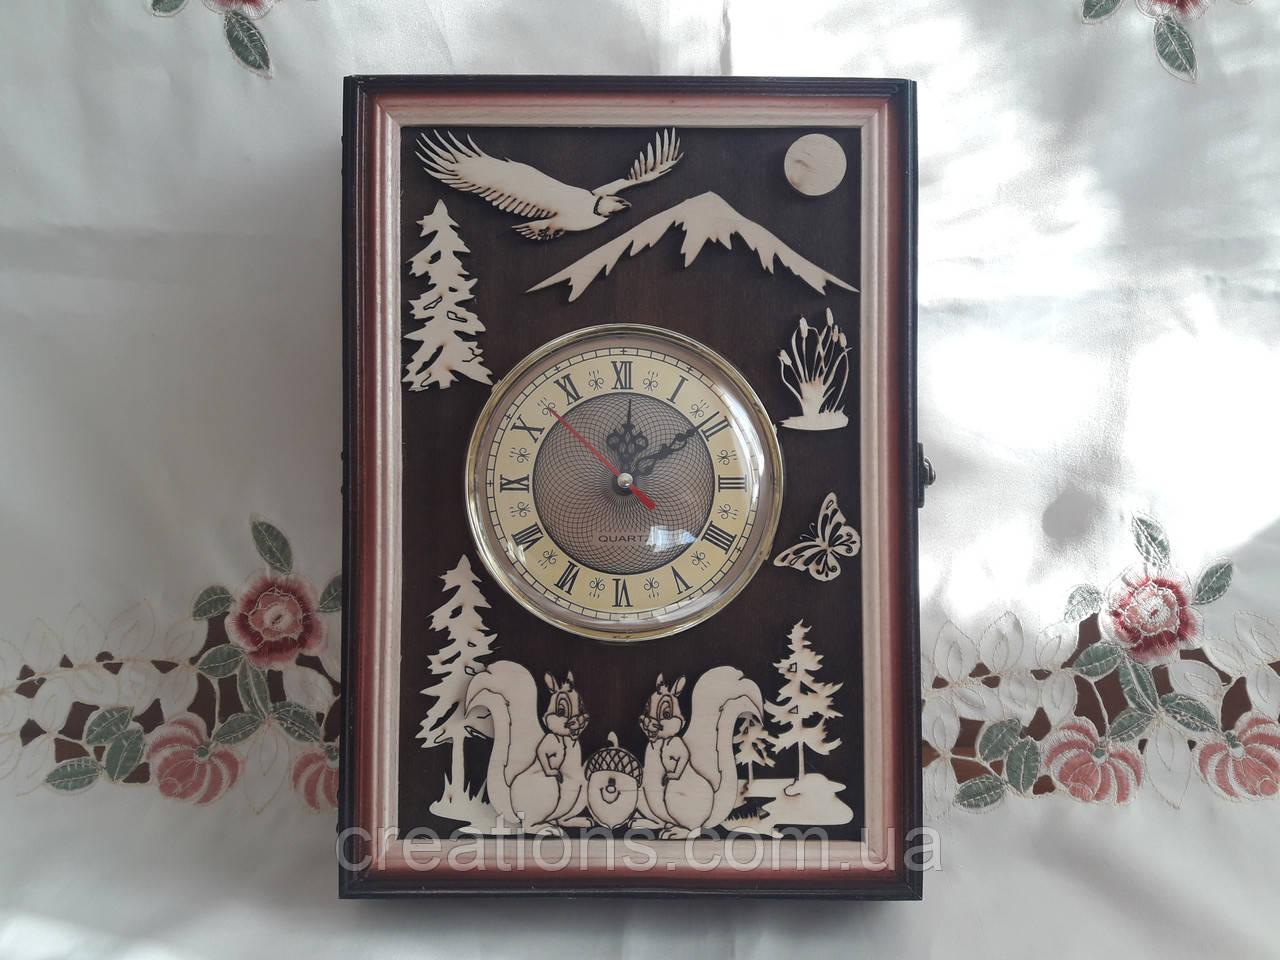 Настенные часы-ключница из дерева на 14 ключей с настенным крепежем